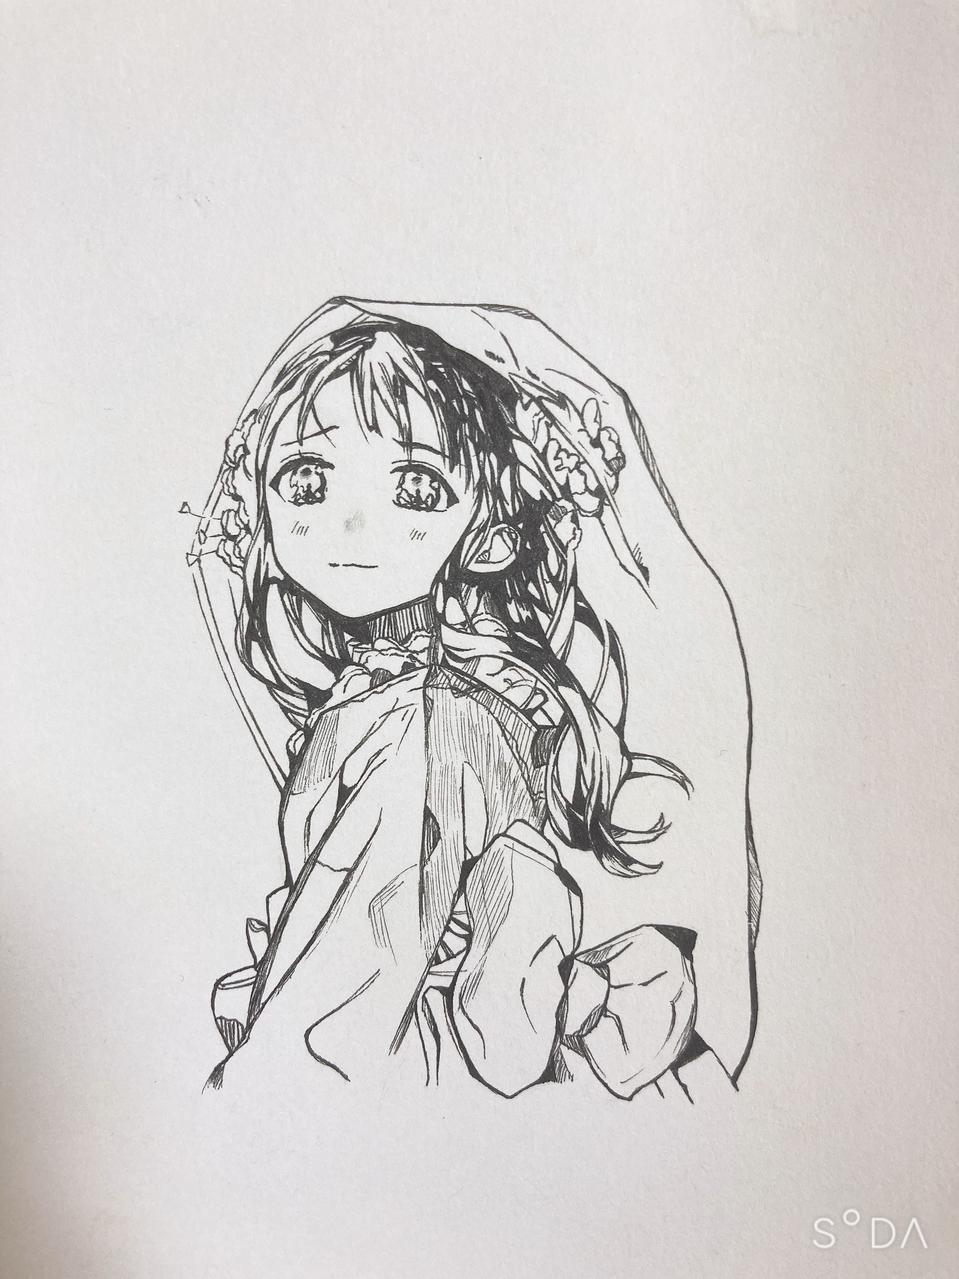 스미레 (오렌만에 그려봄.. Illust of 검은고양이 medibangpaint 손그림